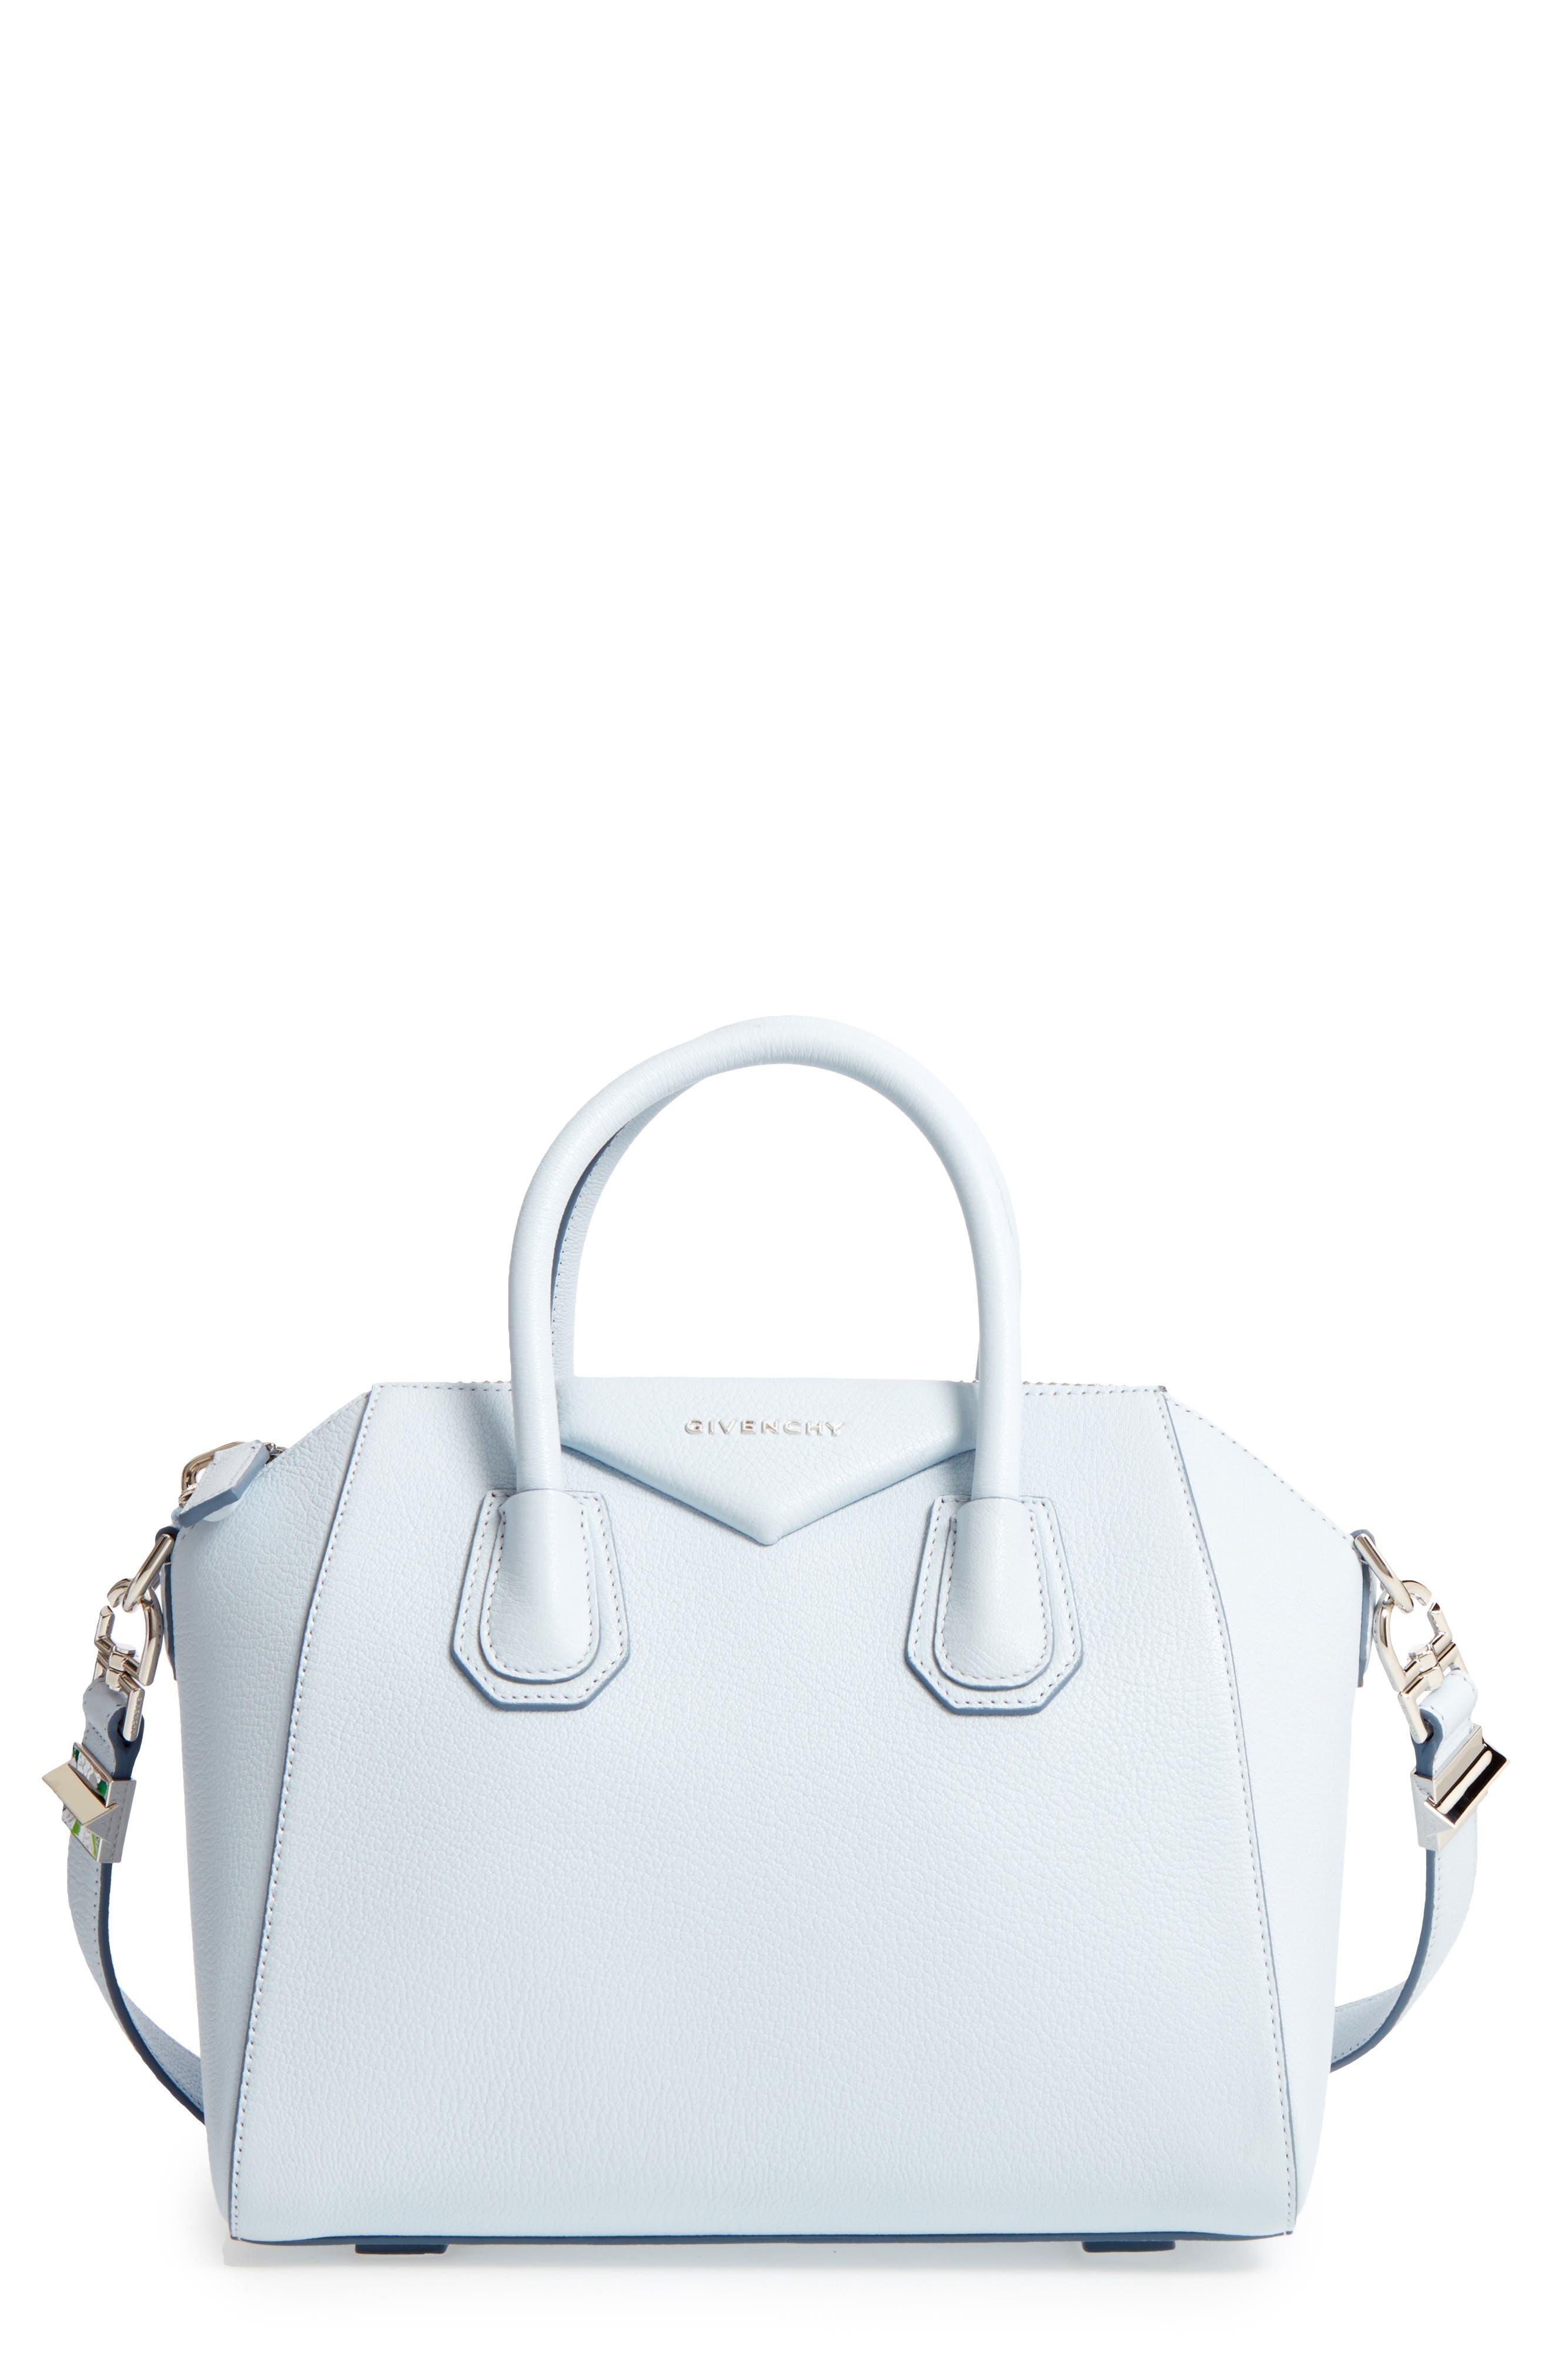 Main Image - Givenchy 'Small Antigona' Leather Satchel